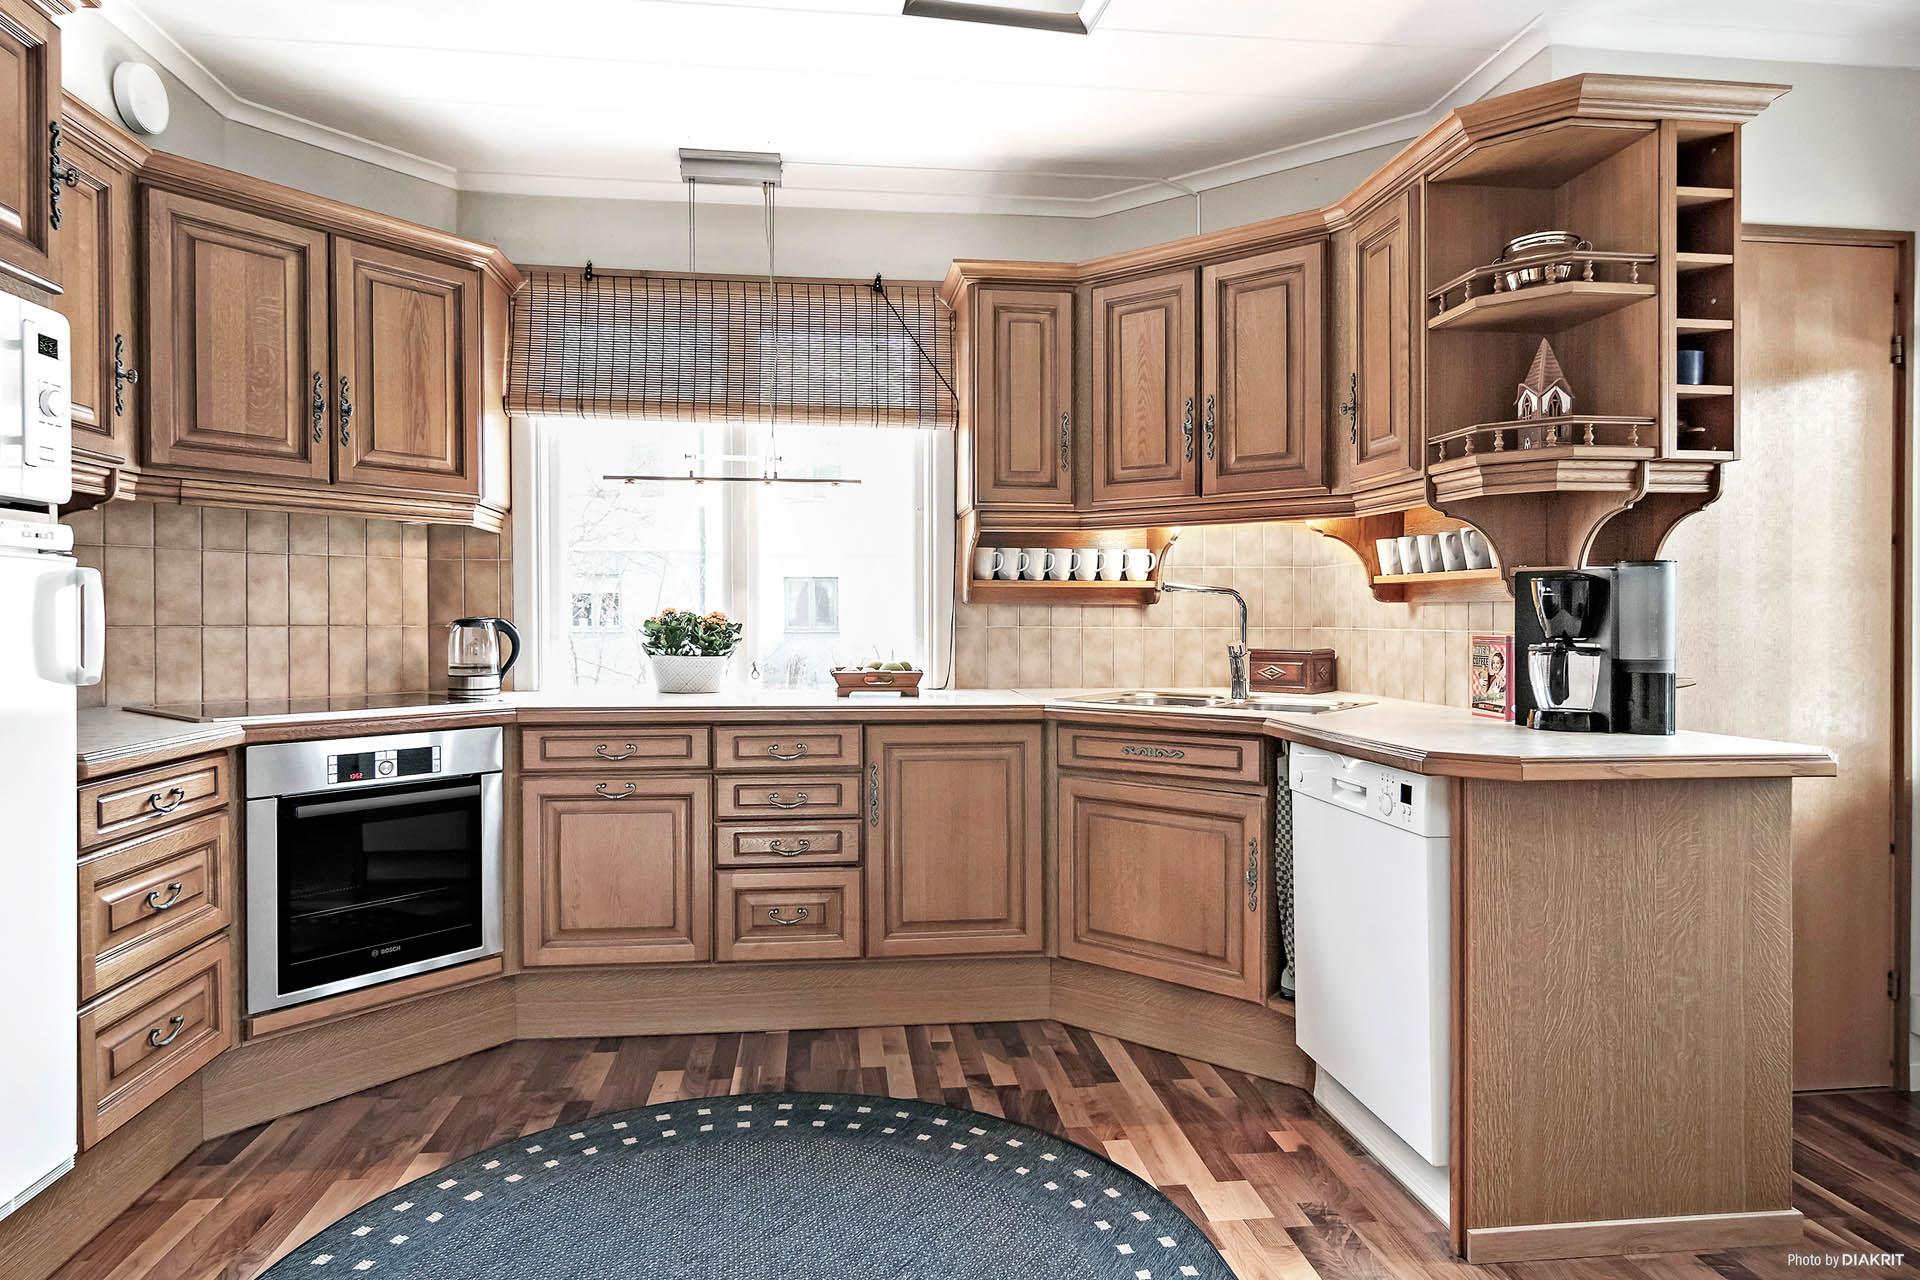 Köket med franskinspirerad köksinredning